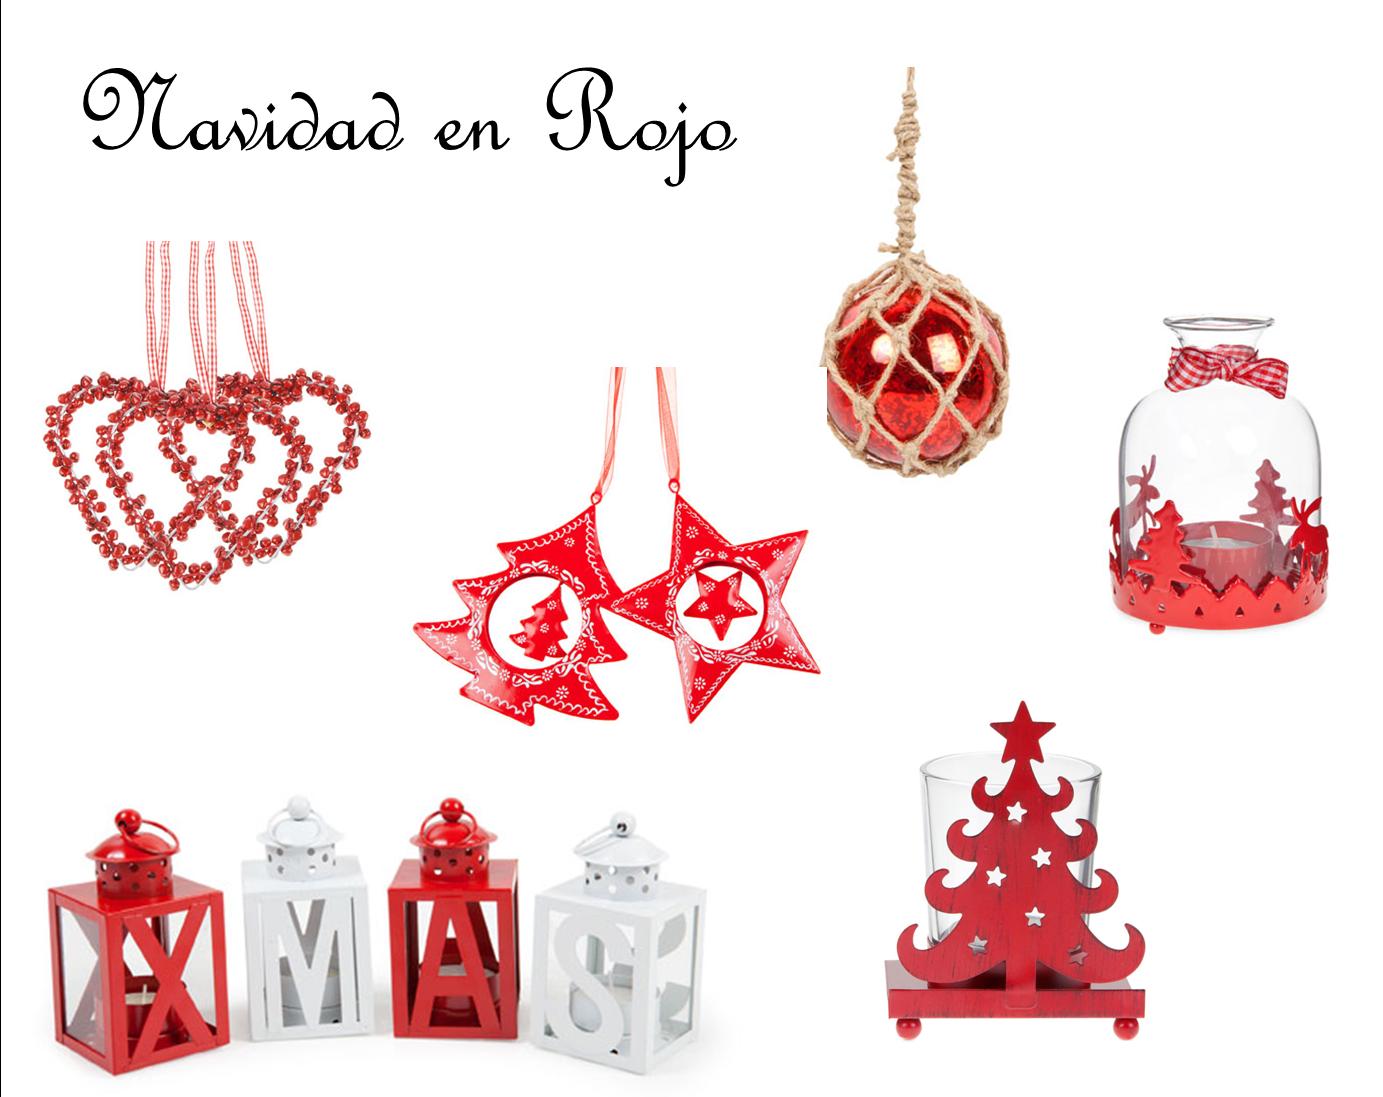 Decoraci n f cil decoracion de navidad 2014 2015 con - Adornos para navidad 2015 ...